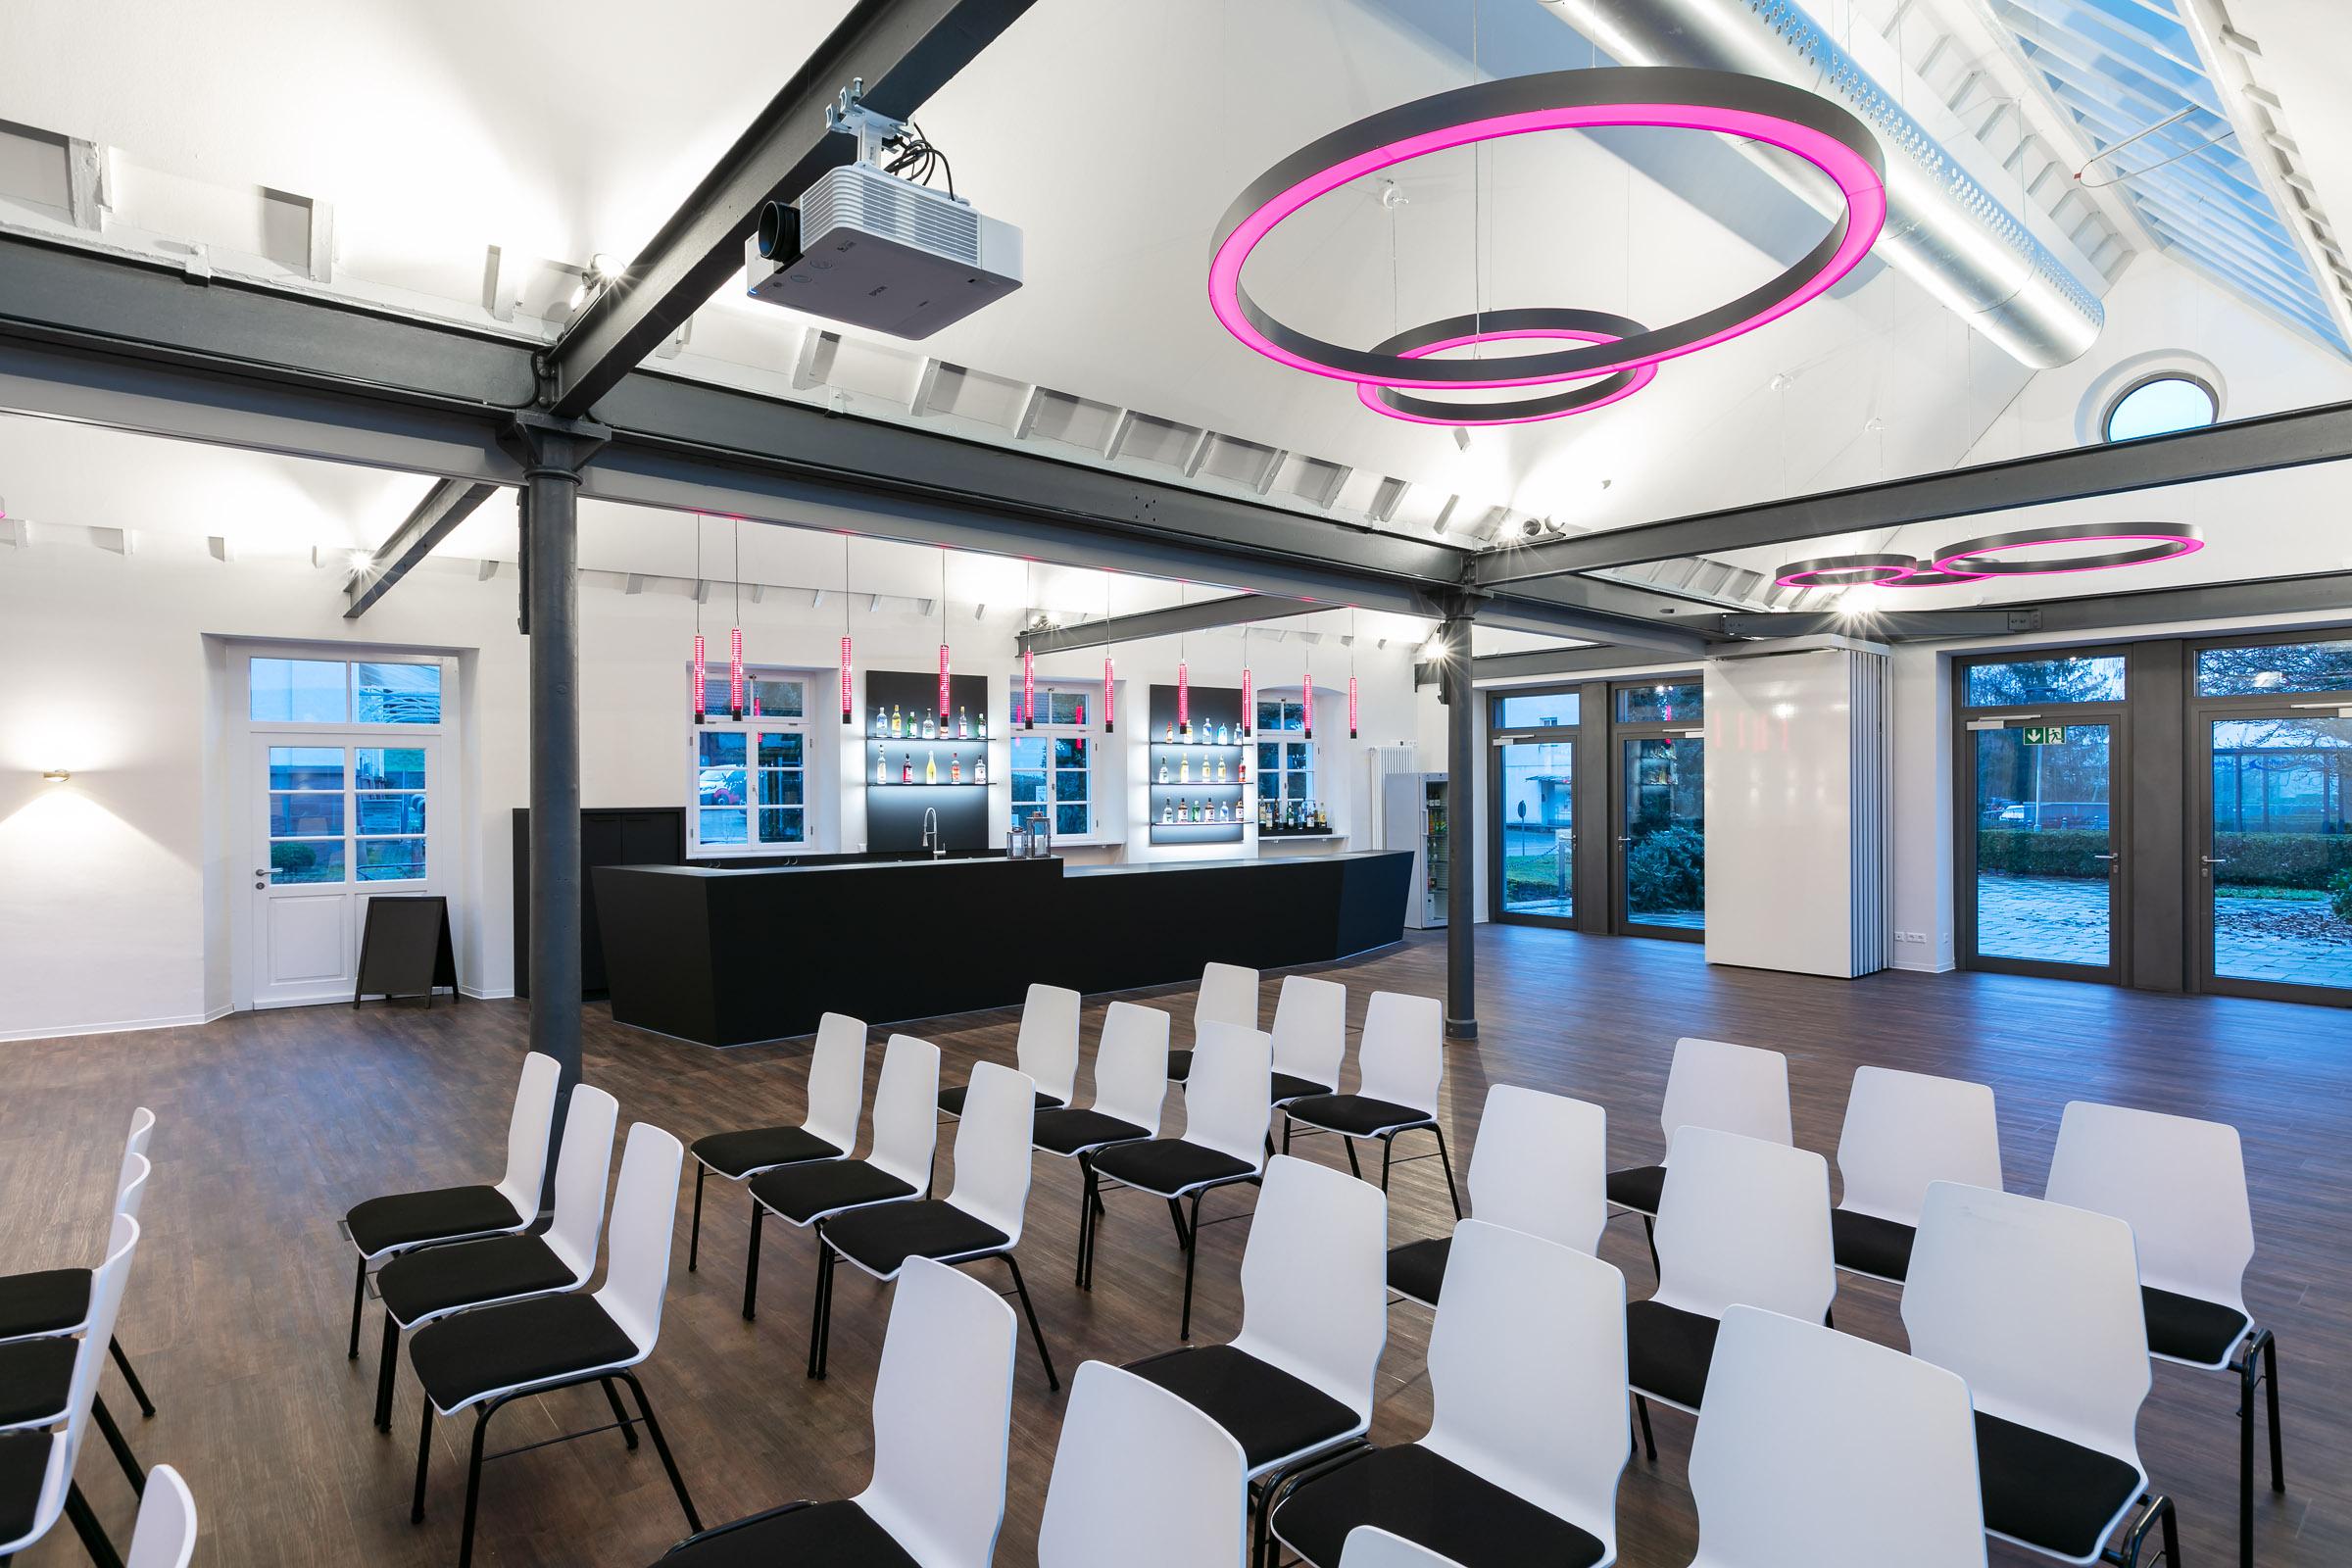 Konferenzstühle in einem Eventraum mit pink leuchtenden Ringleuchten darüber